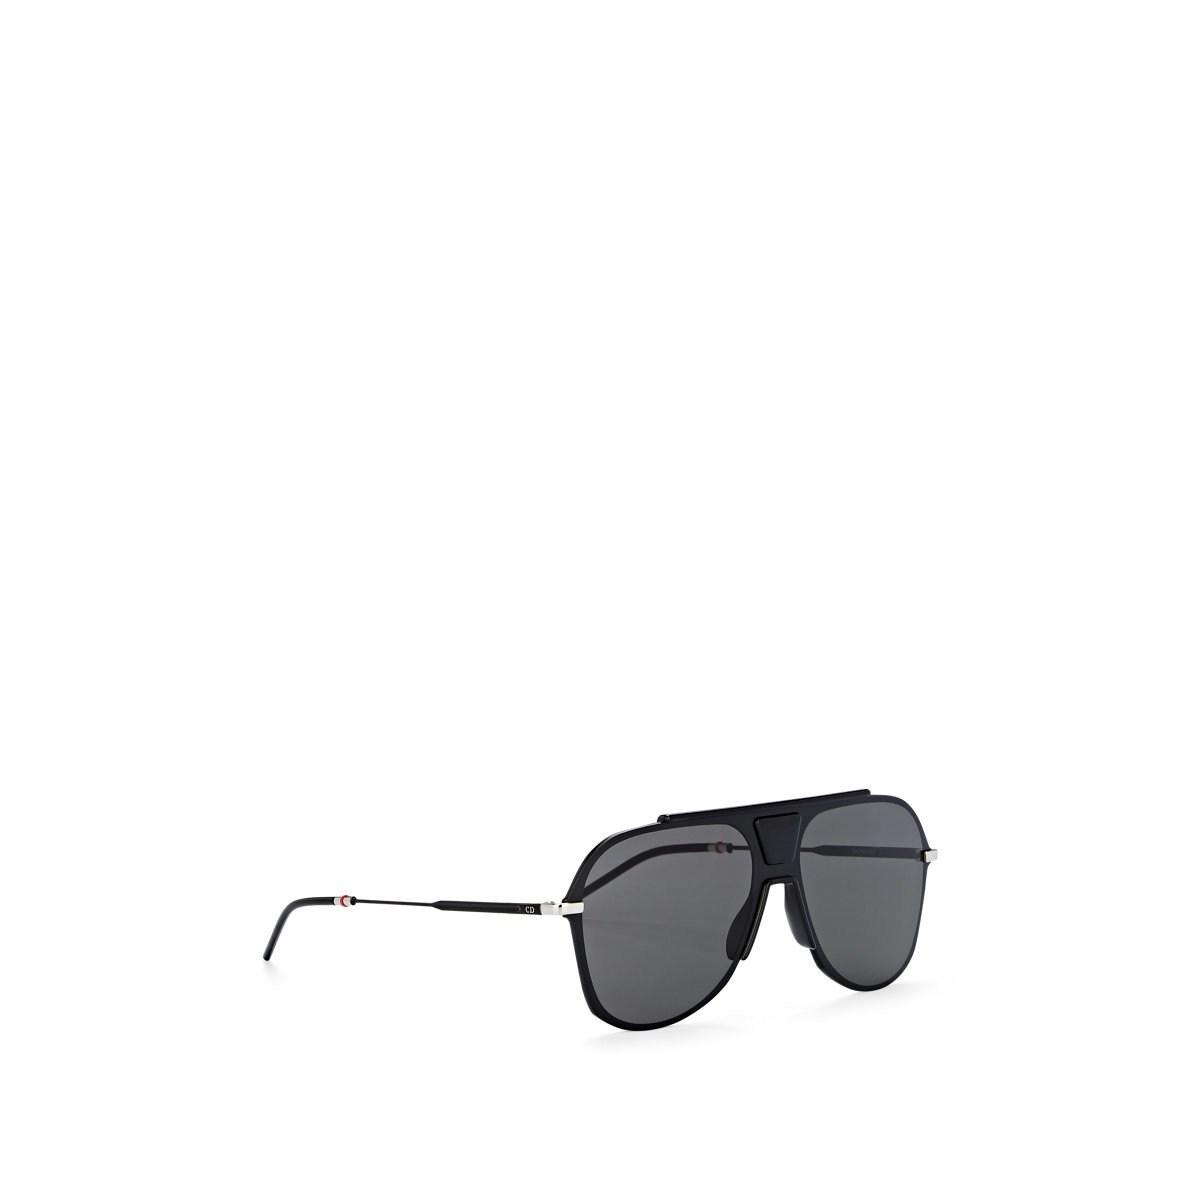 fca3d715939fc Dior Homme - Black dior0224s Sunglasses for Men - Lyst. View fullscreen